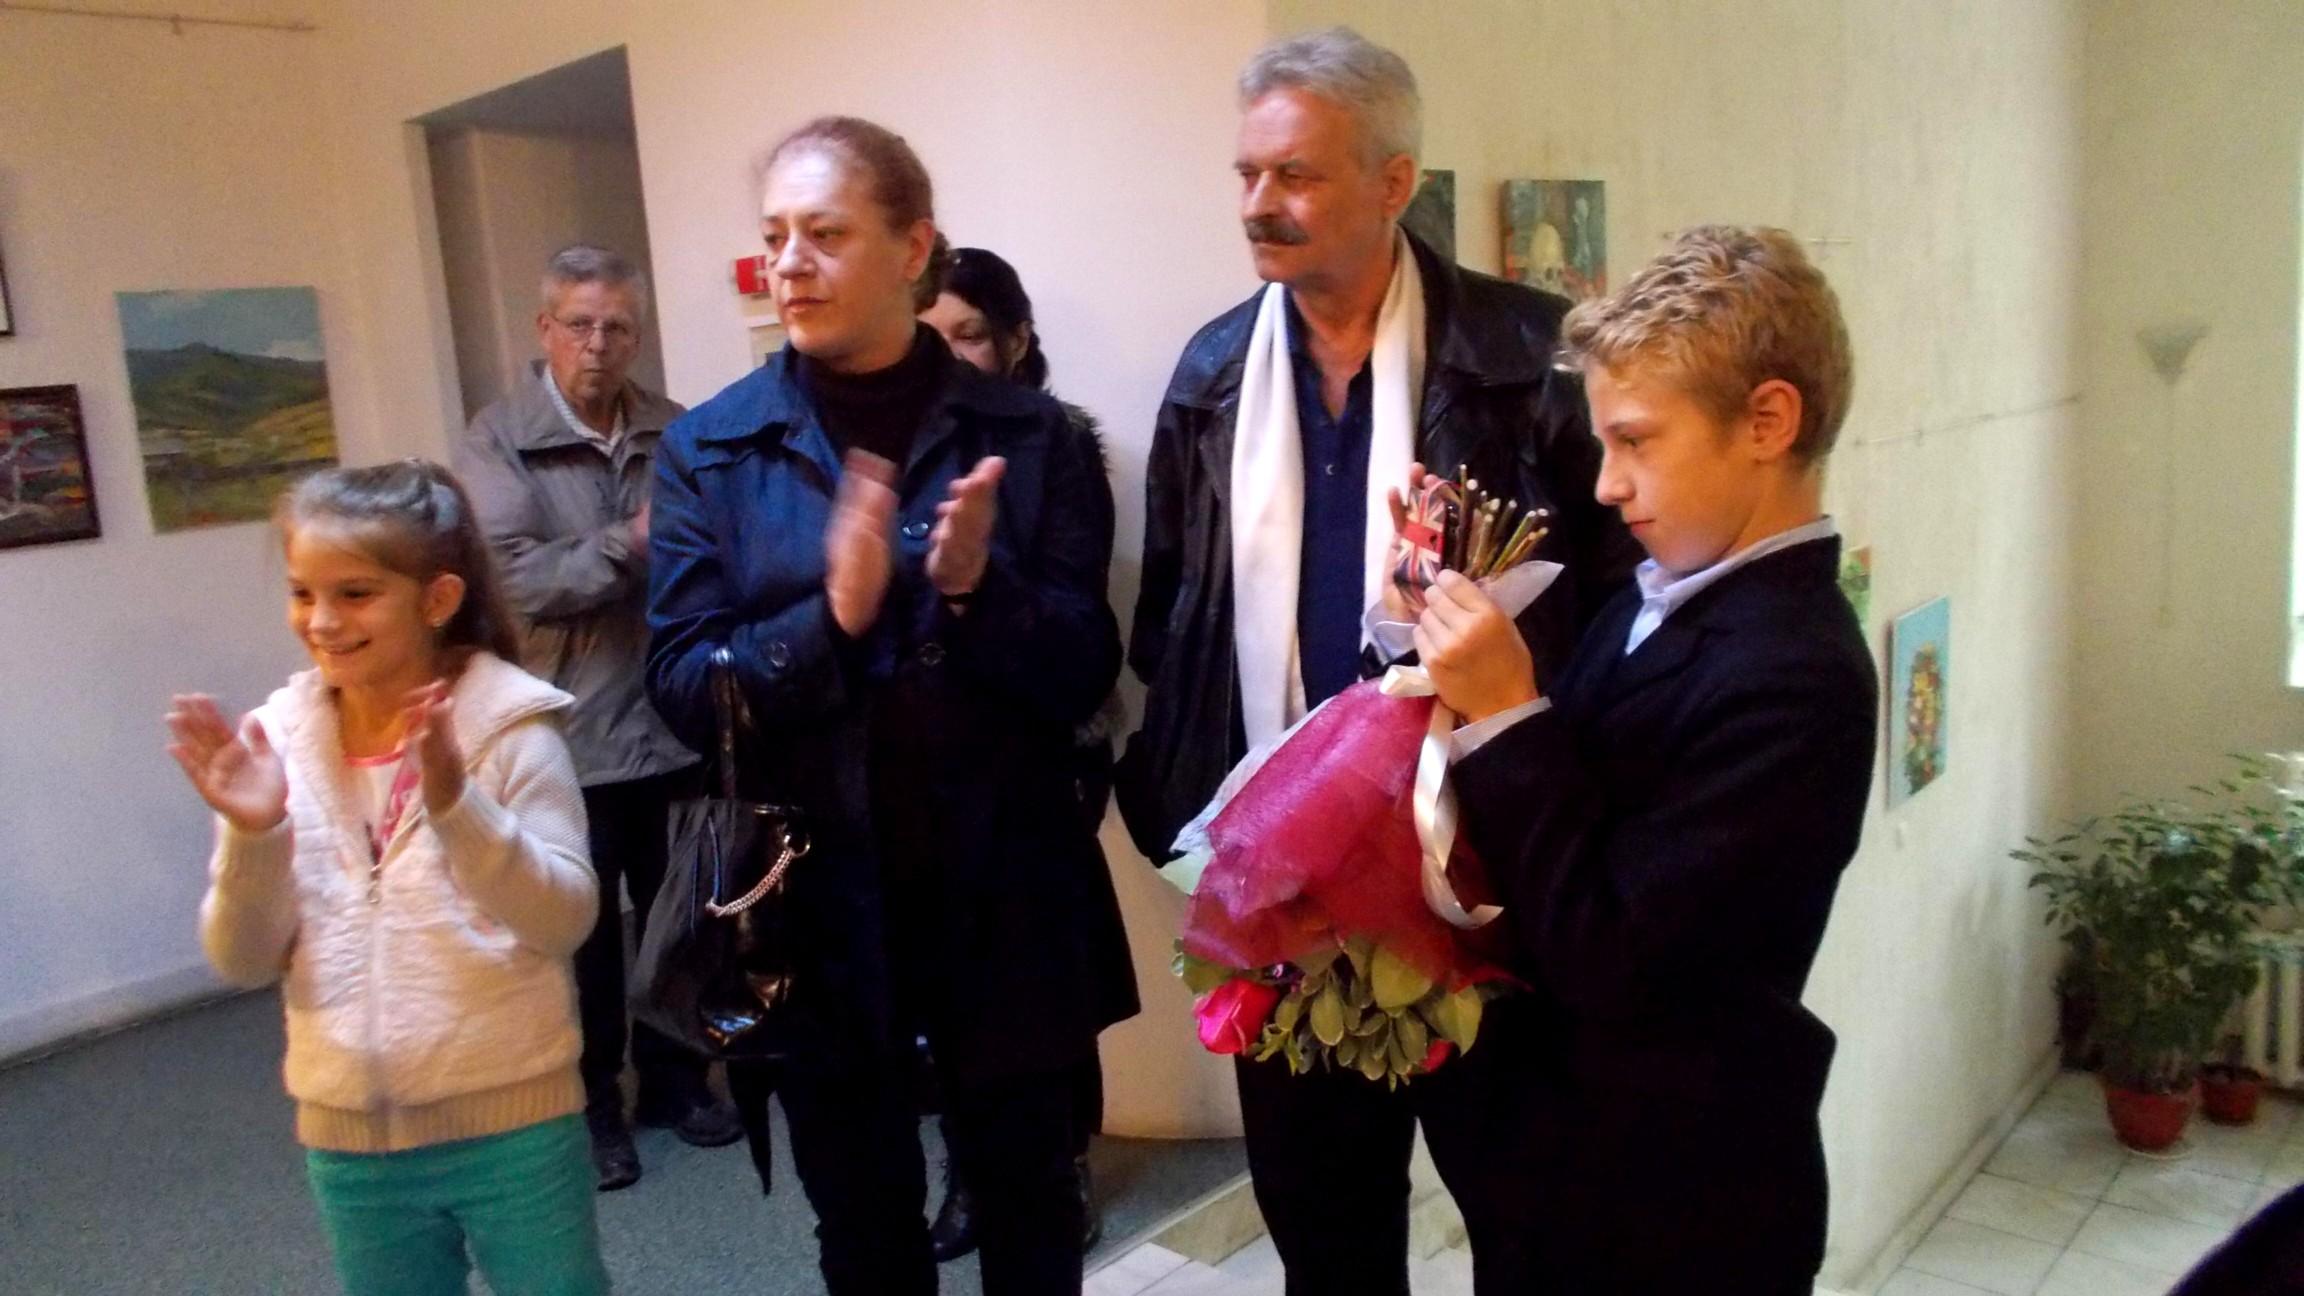 Aplauze pentru Ioana Paul şi flori de la frăţiorul ei